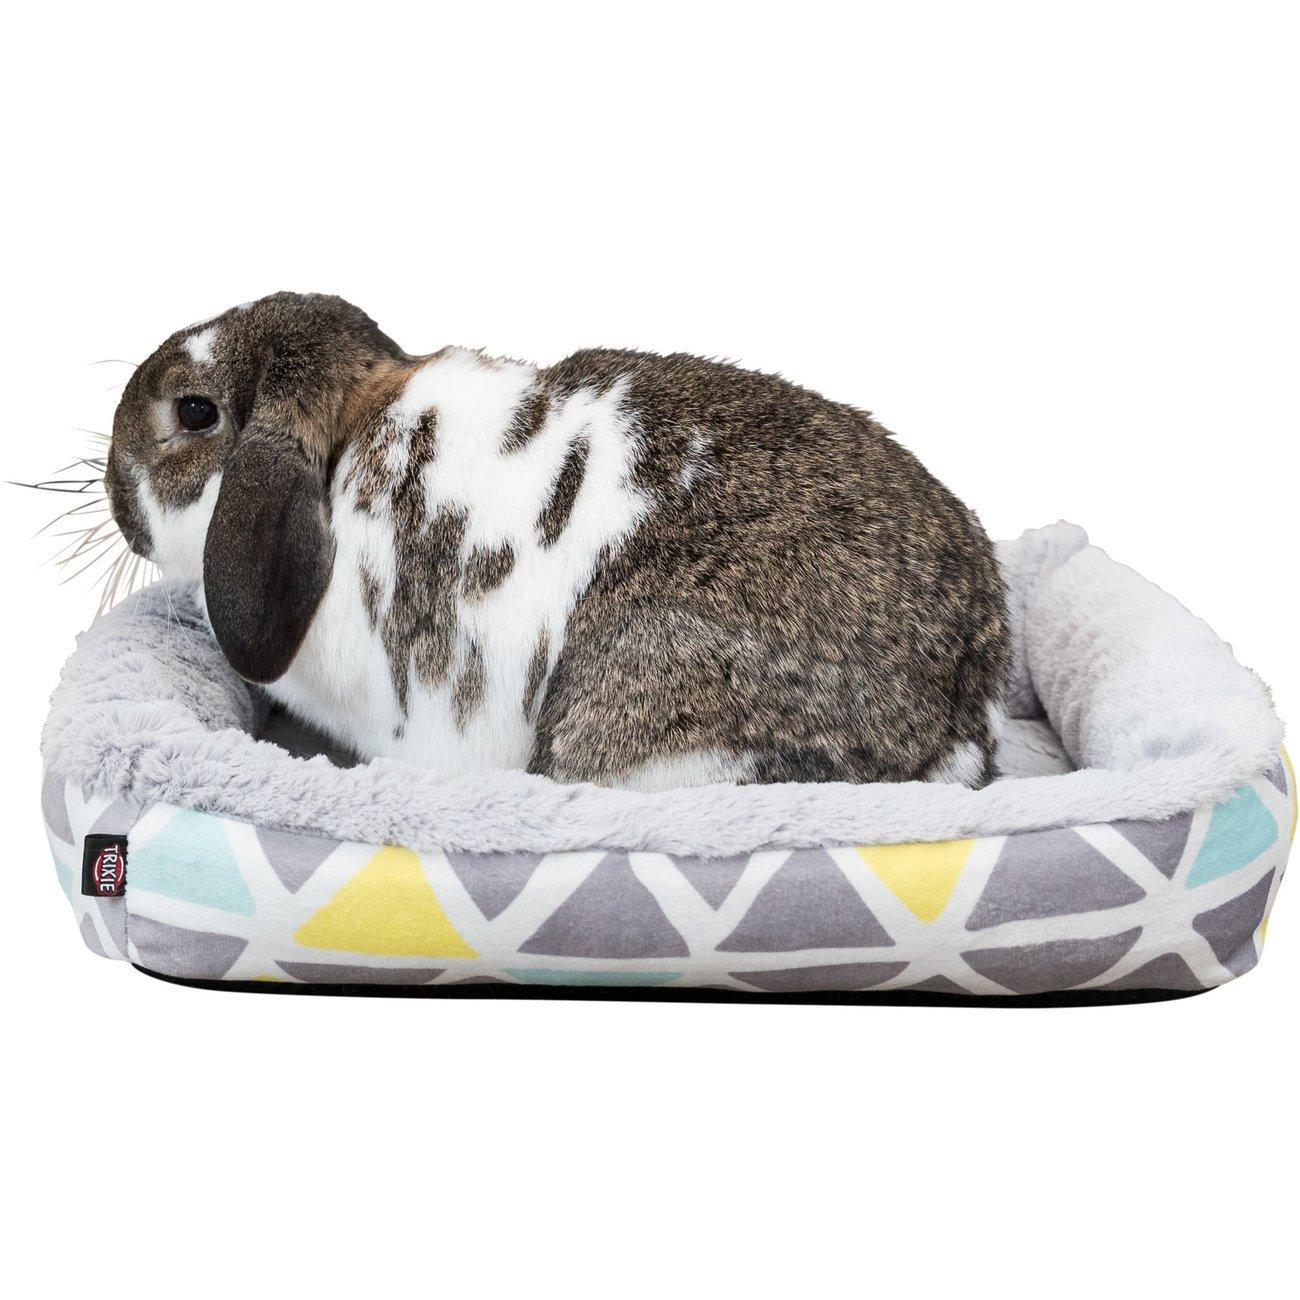 Kuschelbett Bunny eckig Bild 5